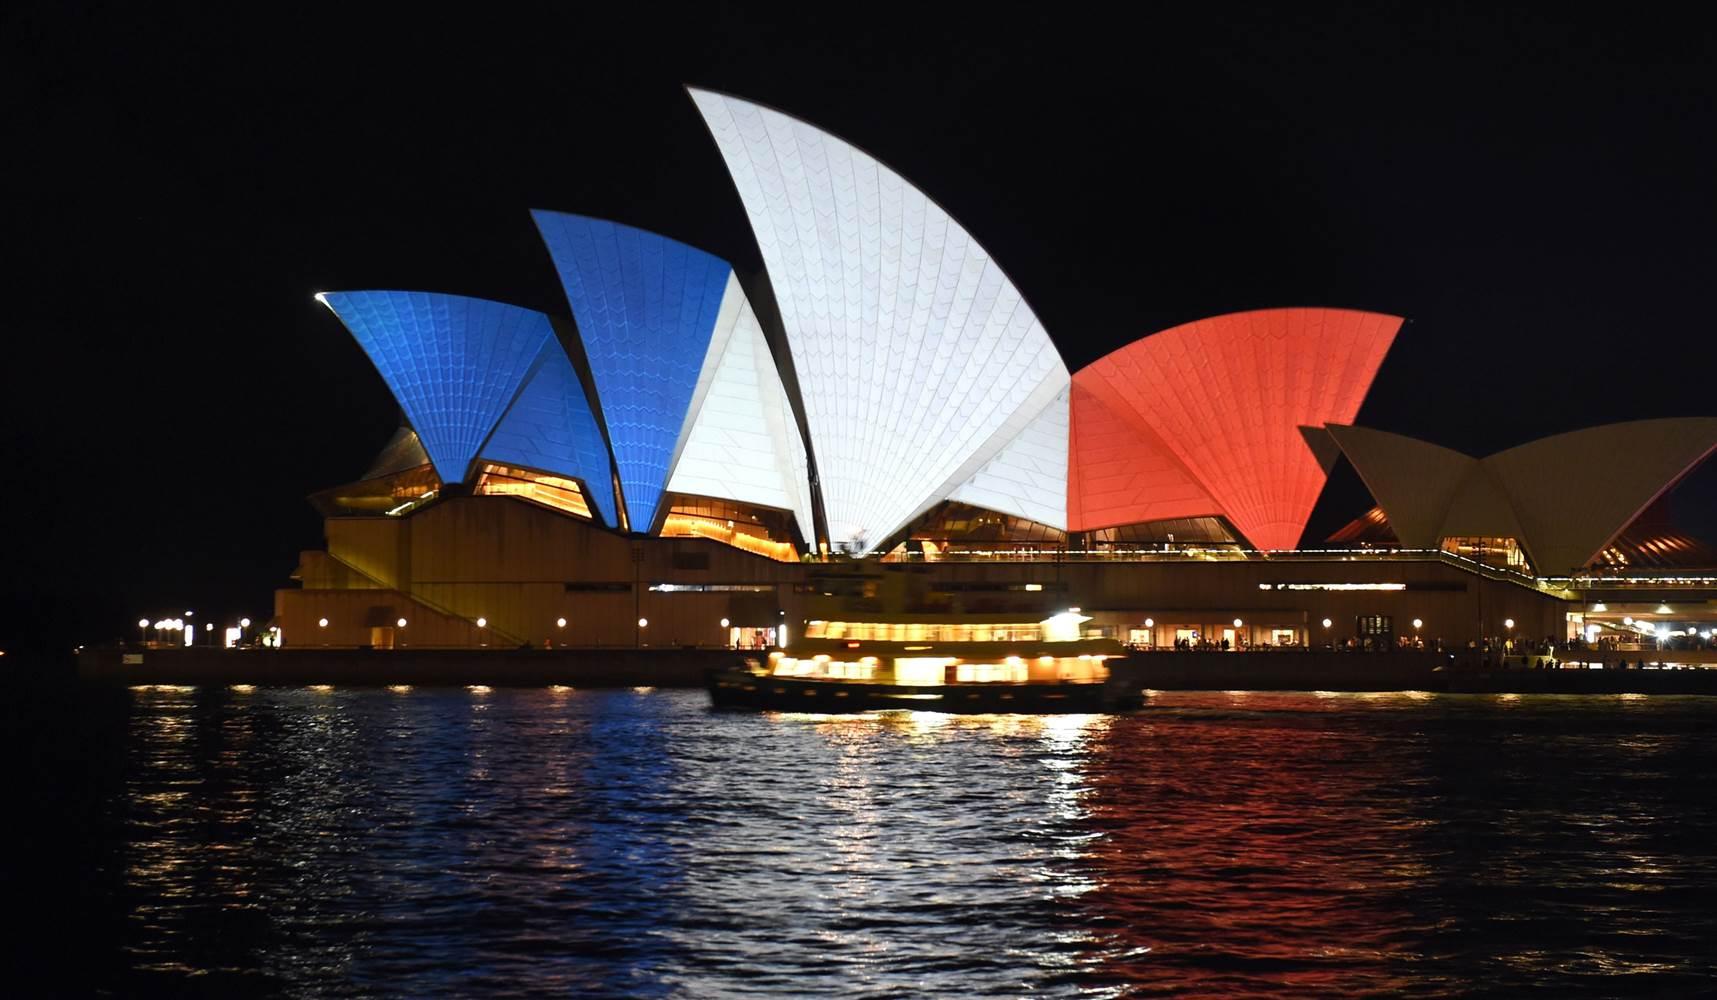 voyage en Australie 0660 faire voyager à travers des images photos Photos d'Autralie faire voyager à travers des images photos